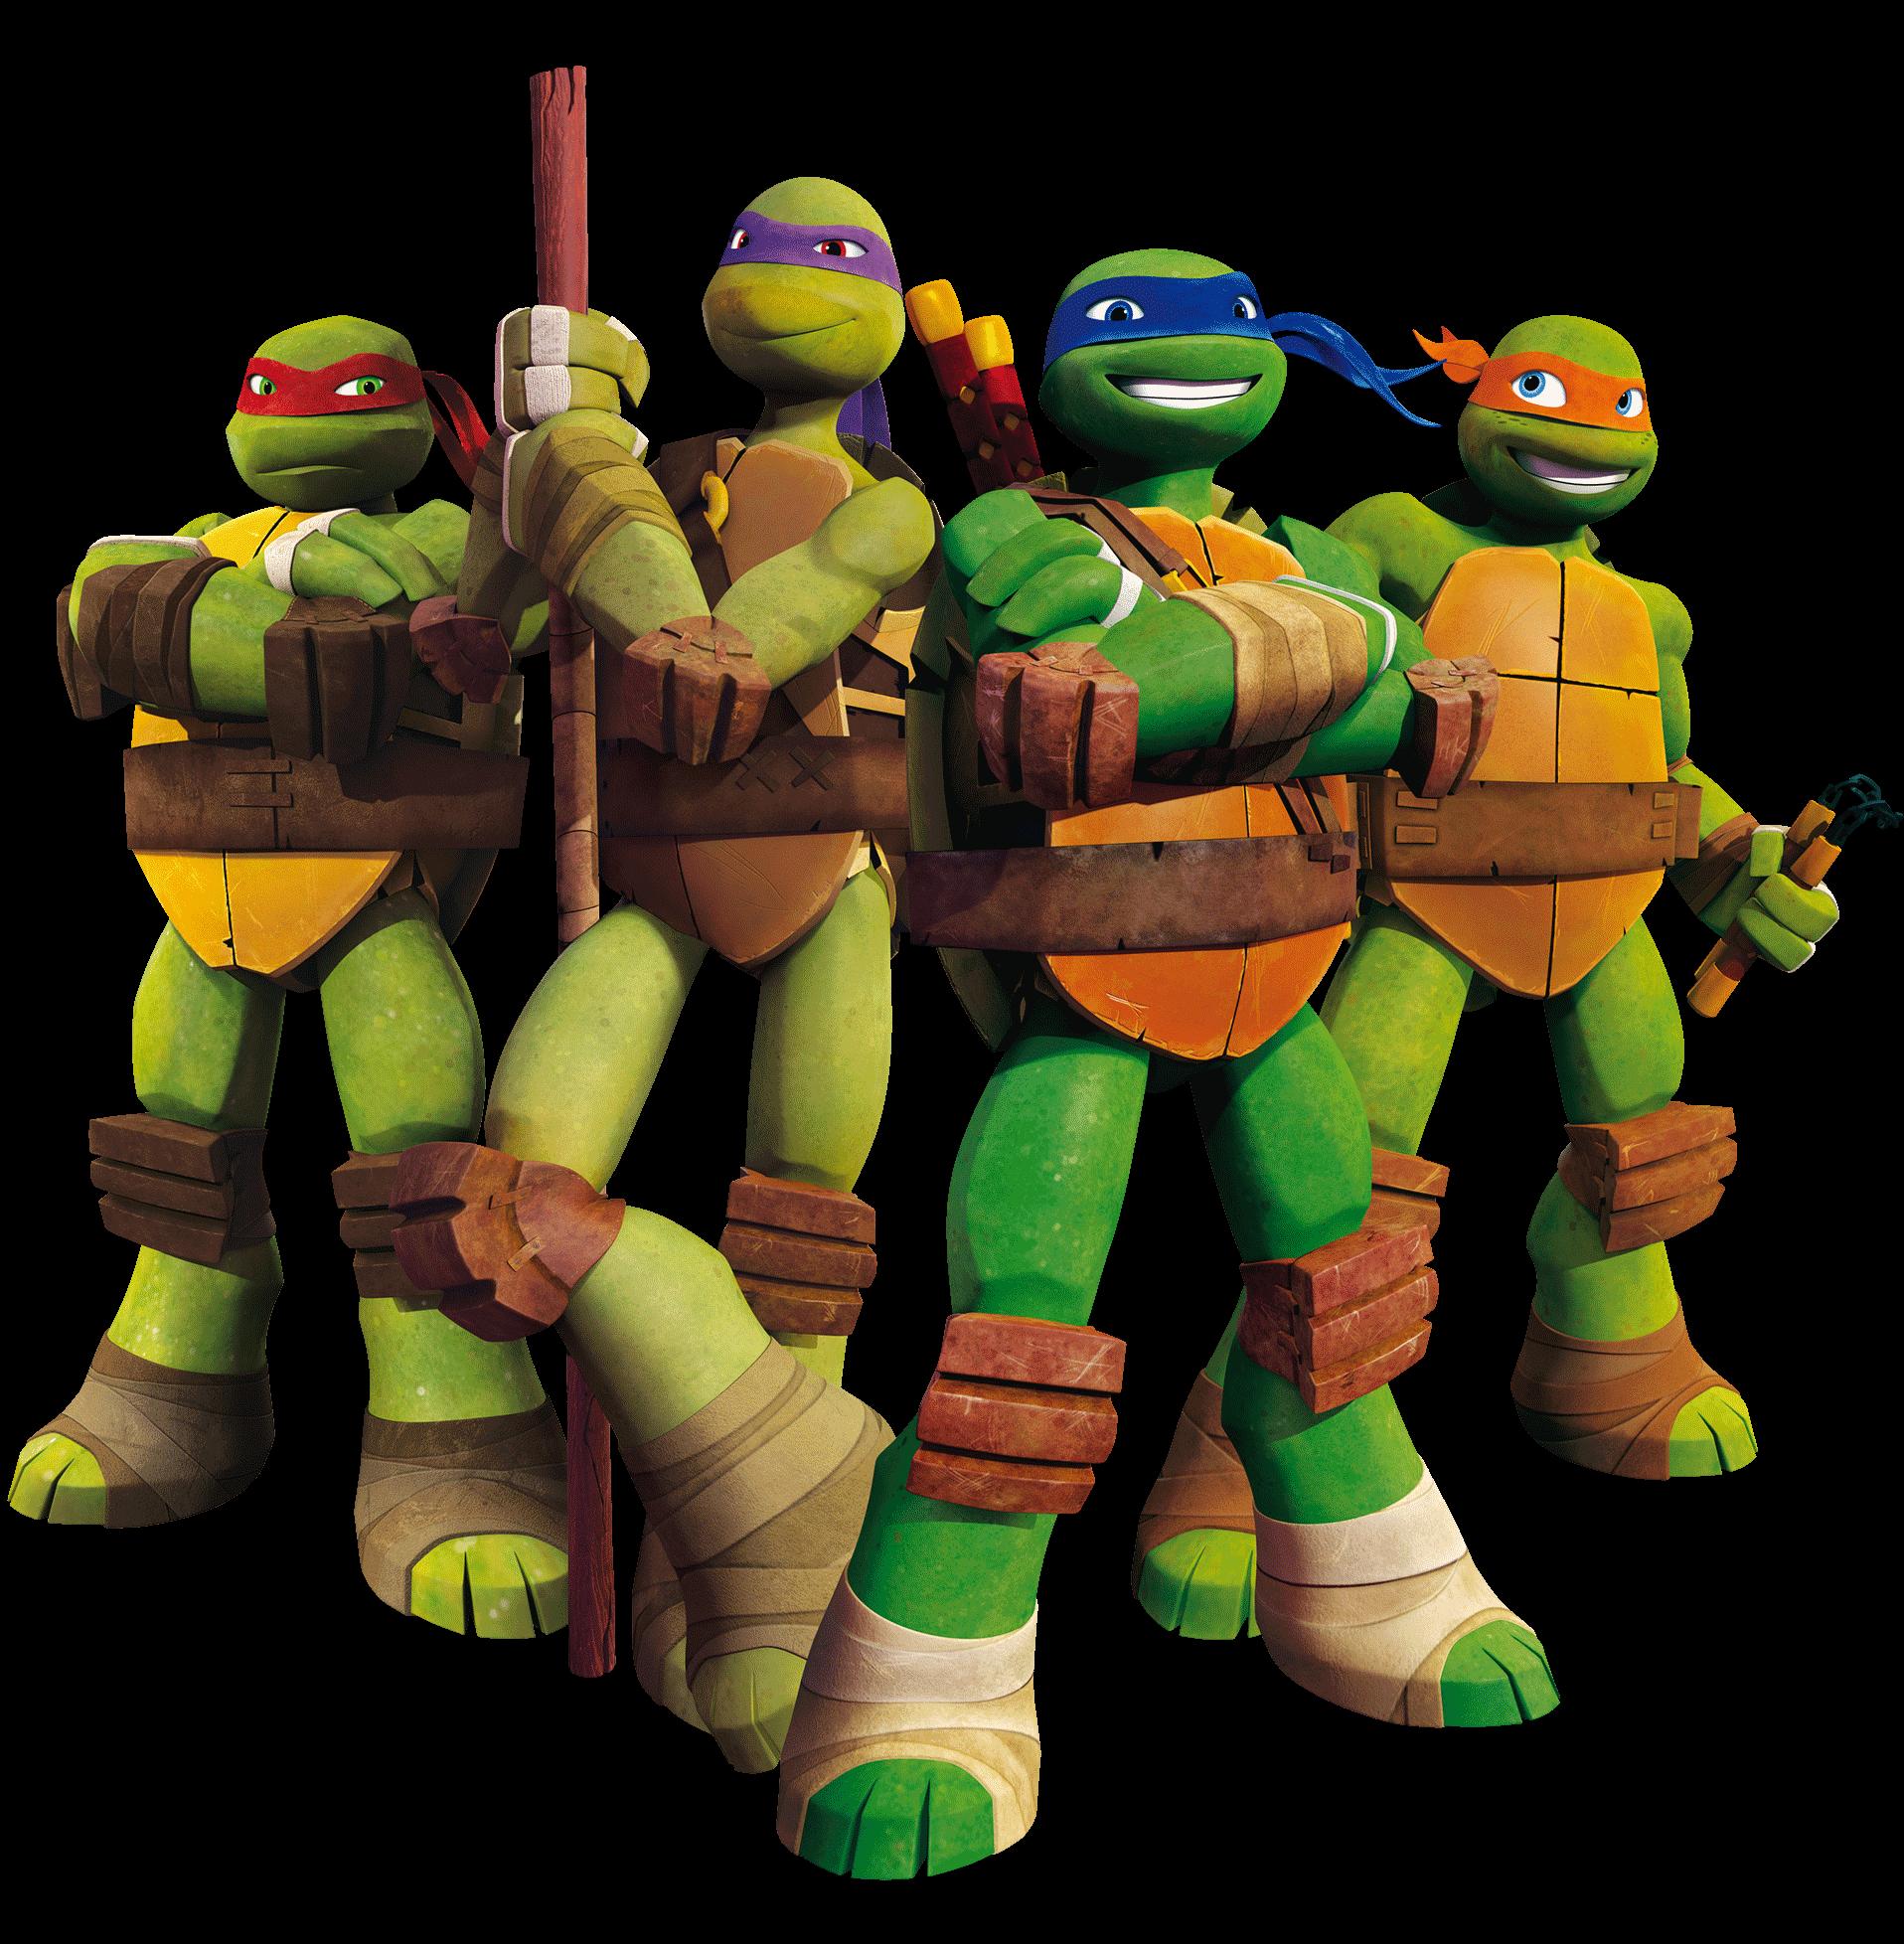 Ninja Turtles Pizza Puffs   TV Dinners Wiki   Fandom